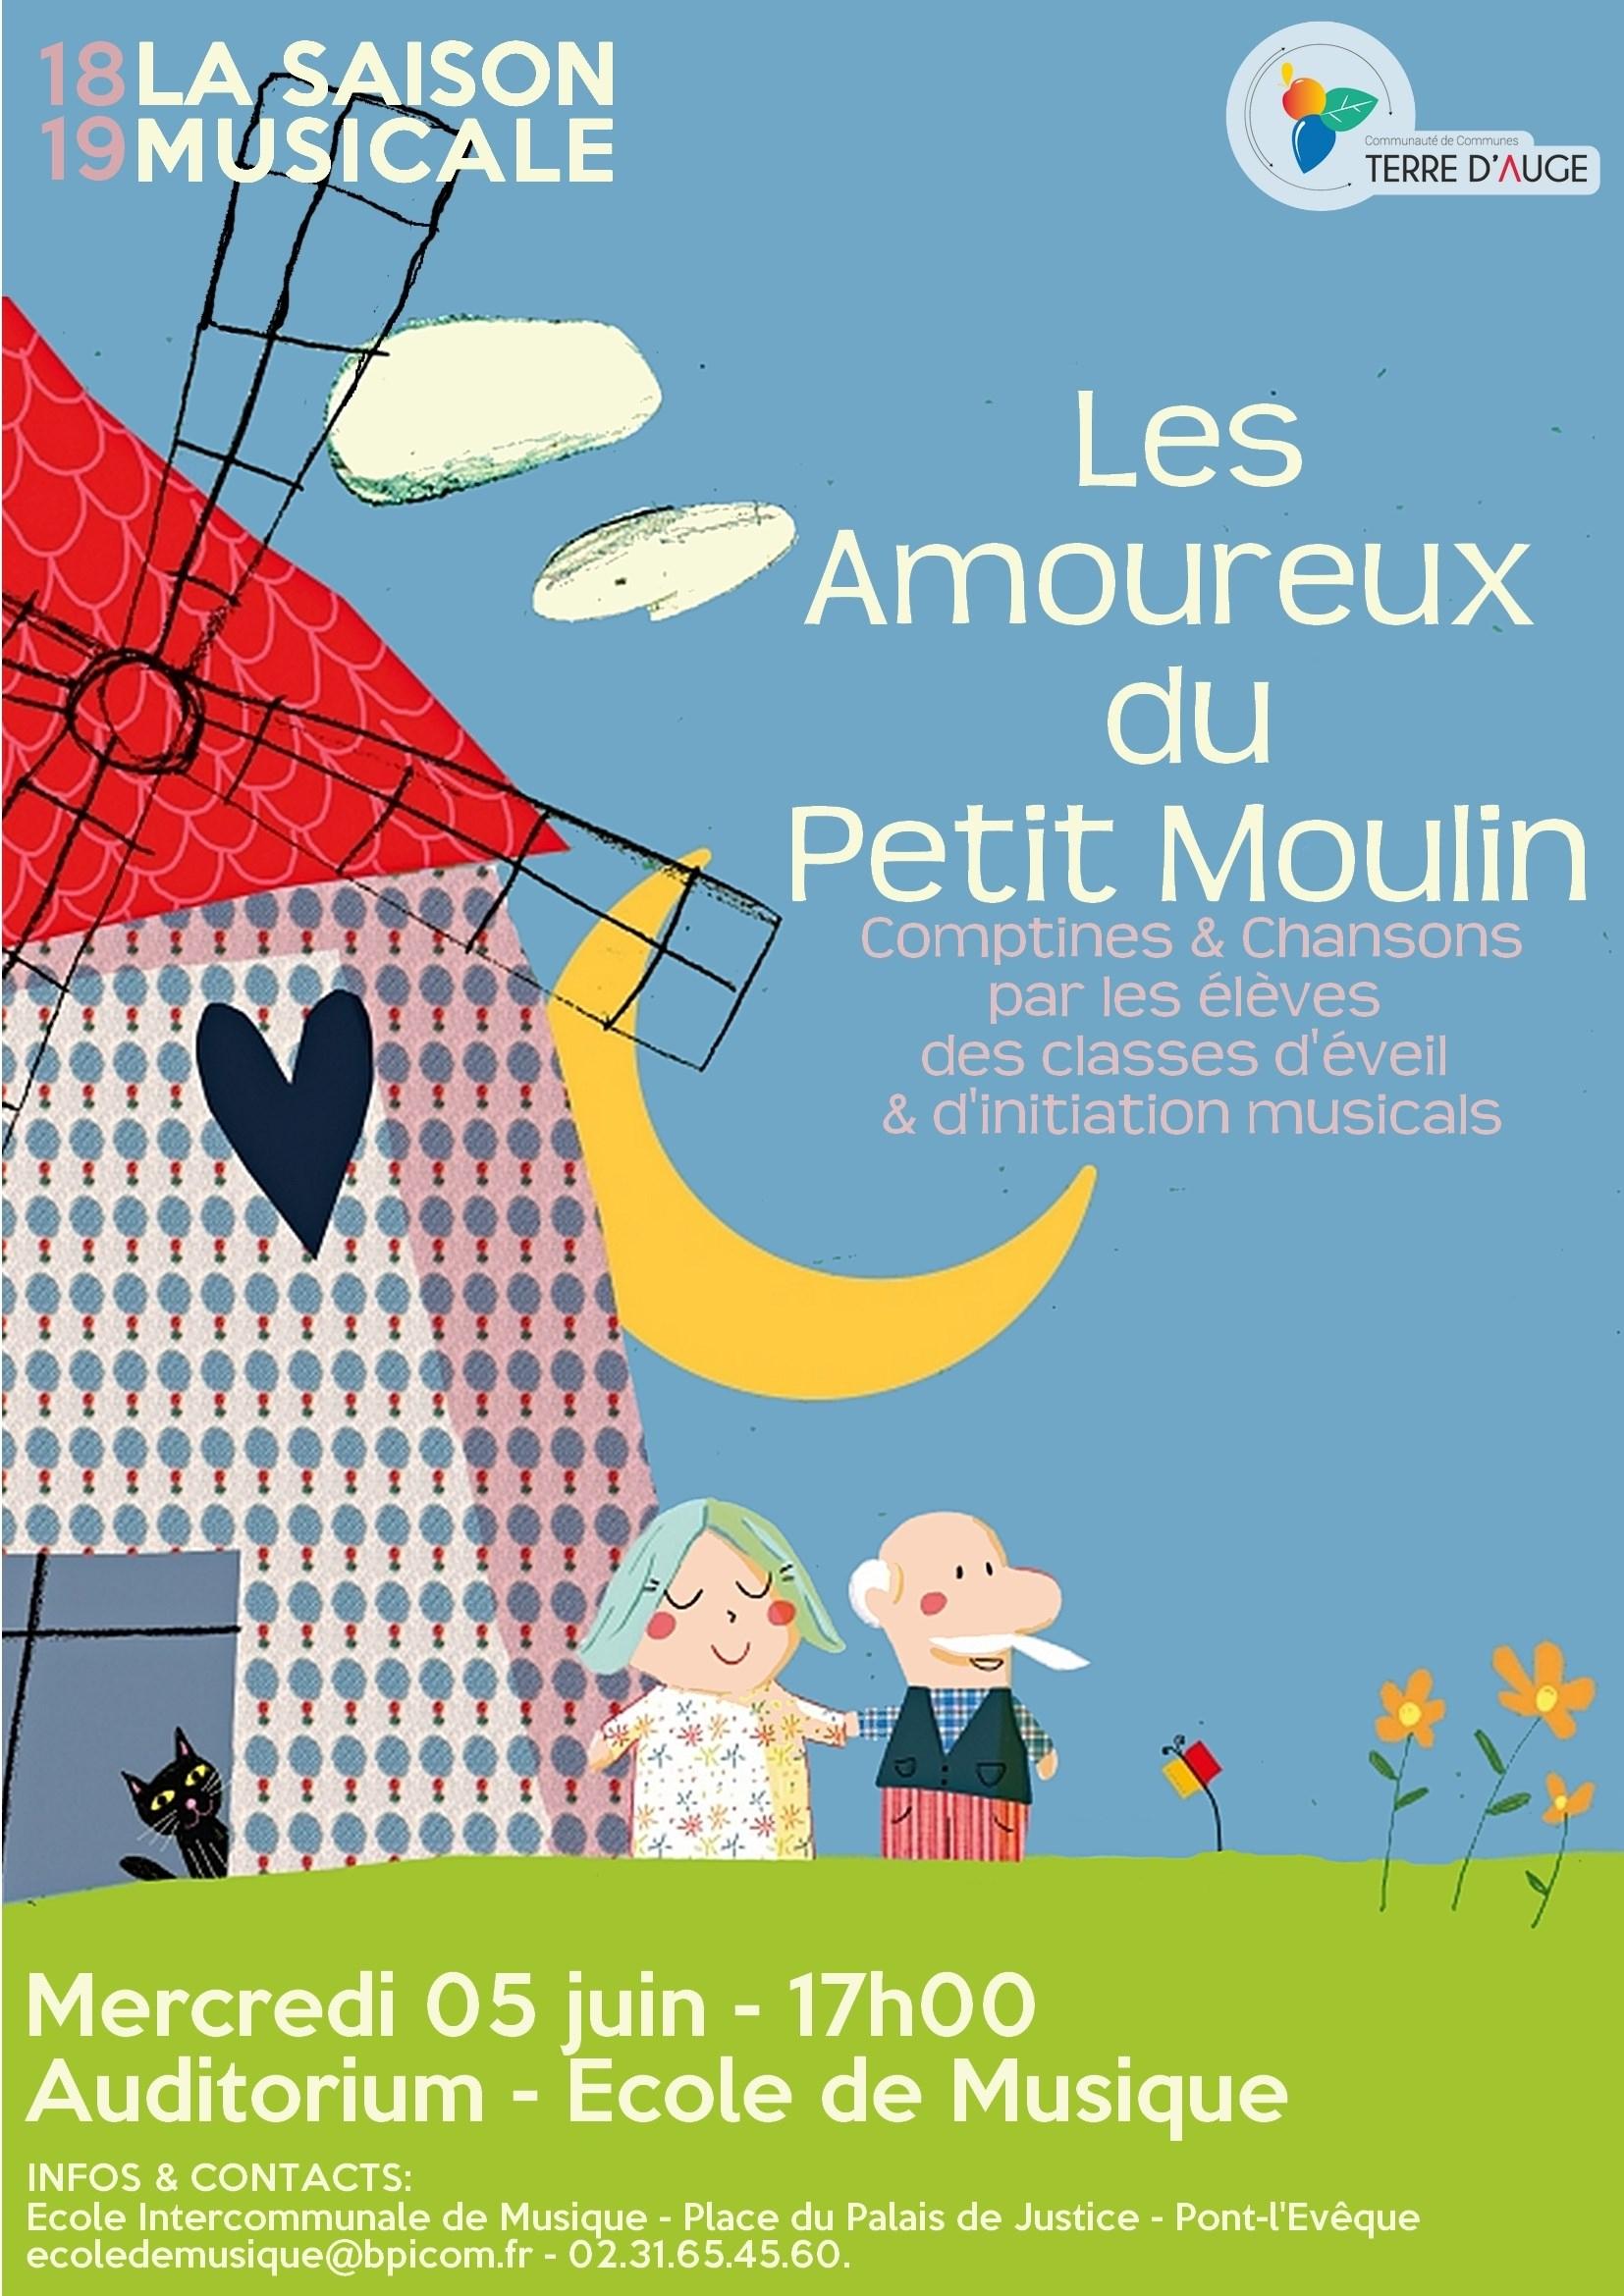 Comptines Et Chansons Par Les Élèves Des Classes D'éveil destiné Petit Moulin Chanson